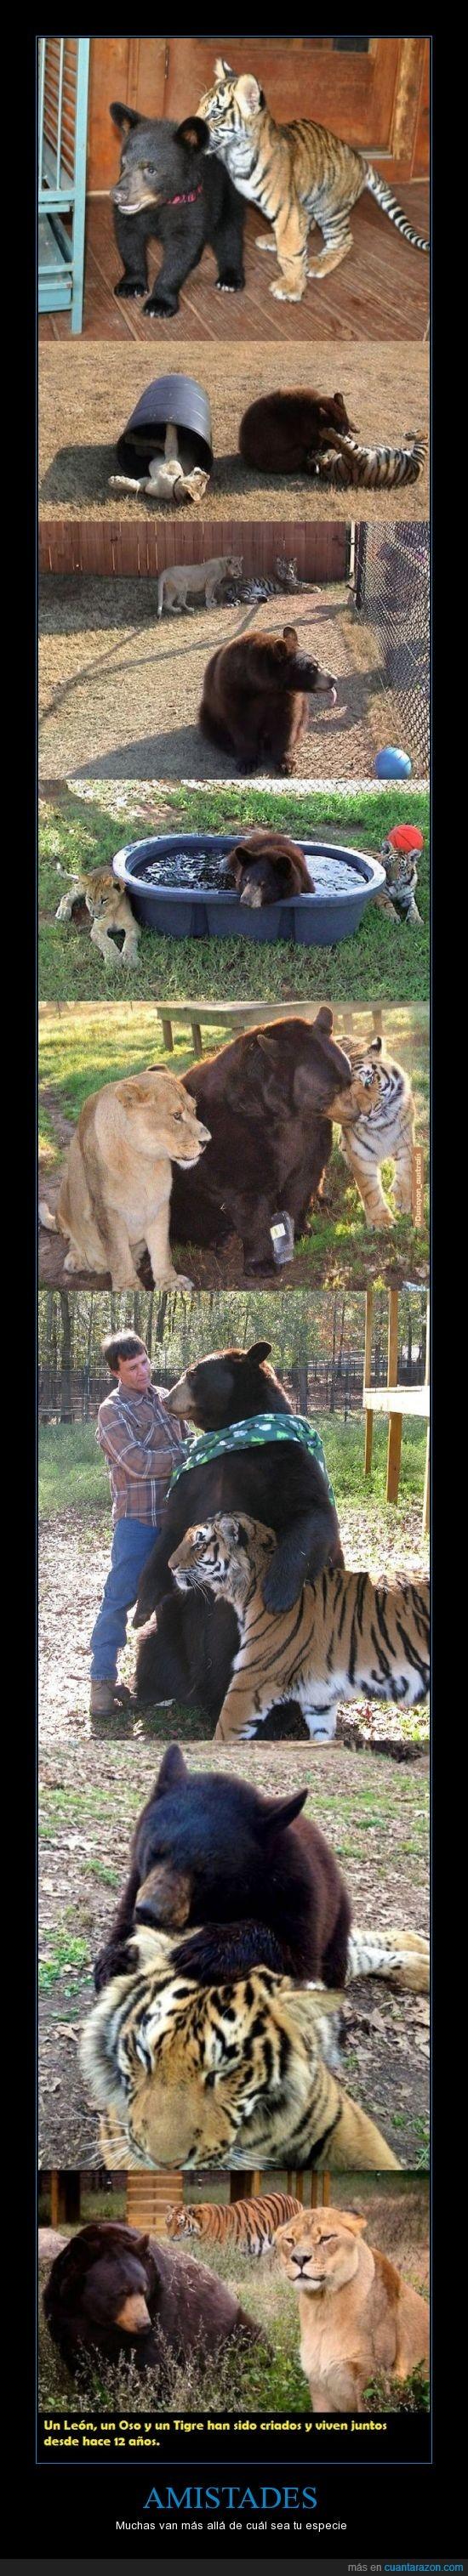 12 años,amigos,especie,León,Oso,Tigre